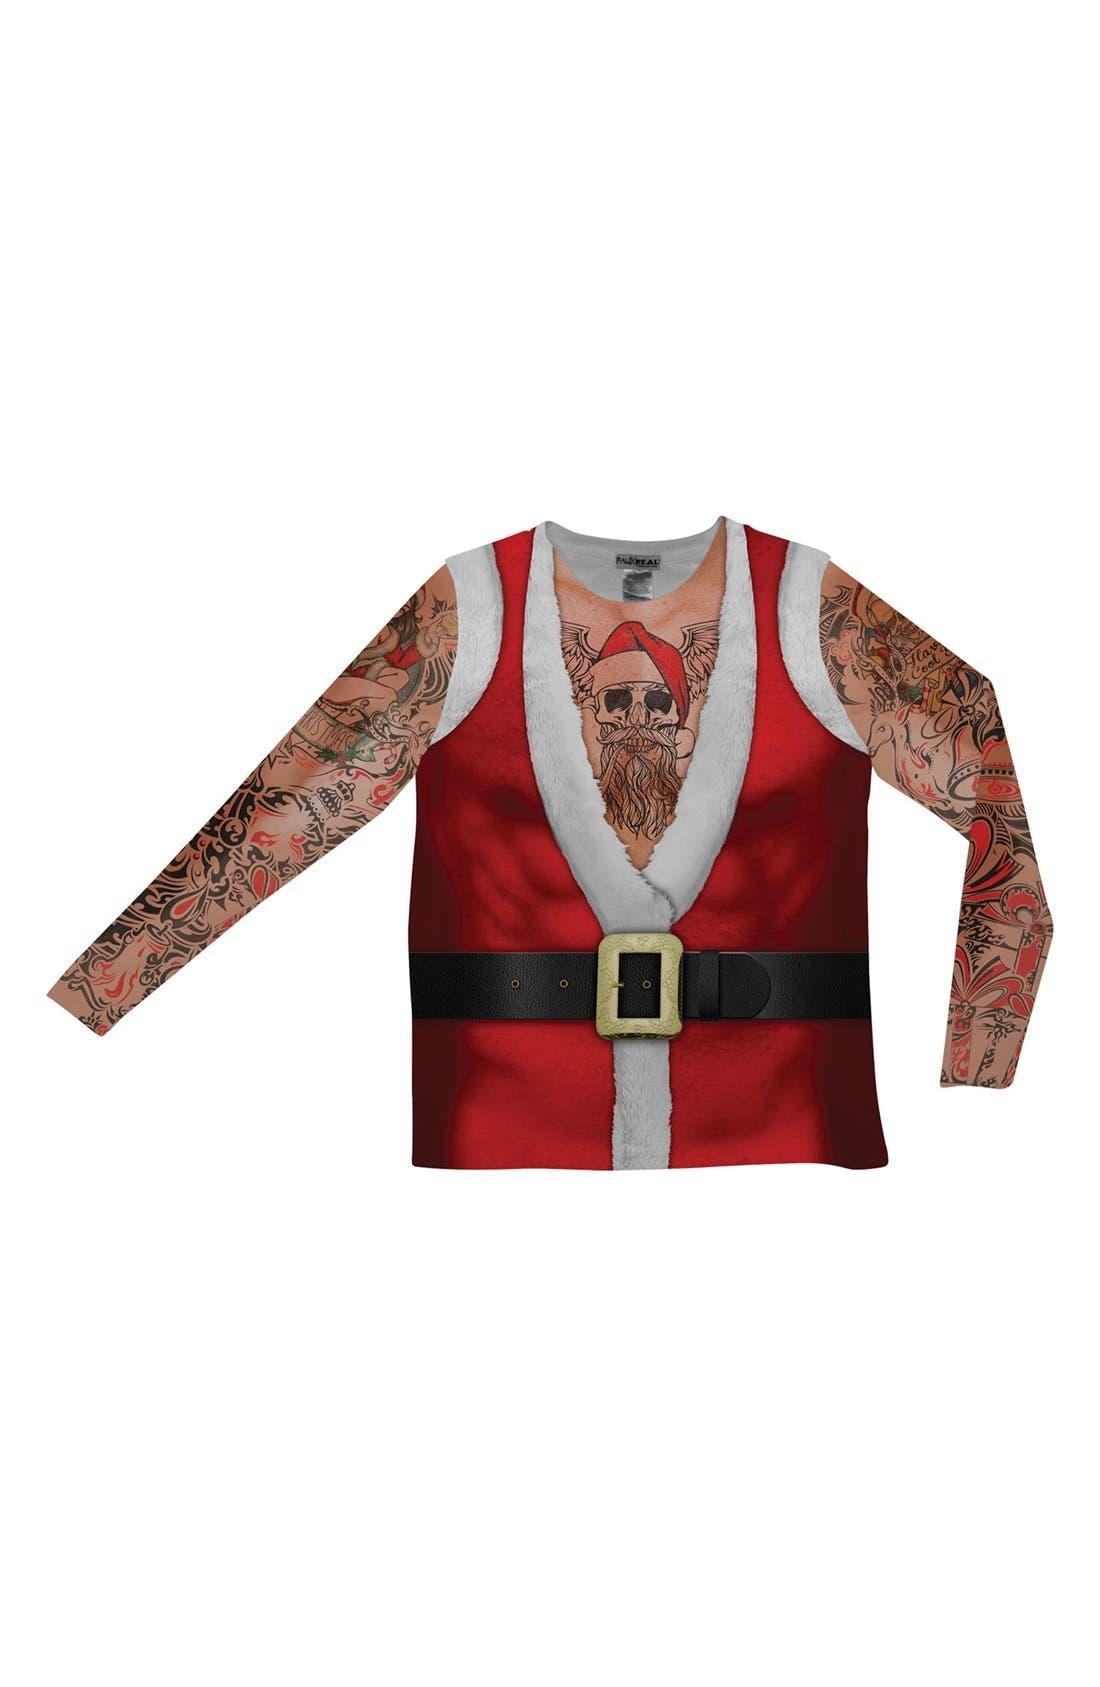 Main Image - FauxReal 'Tattoo Santa' Novelty Graphic T-Shirt (Men)